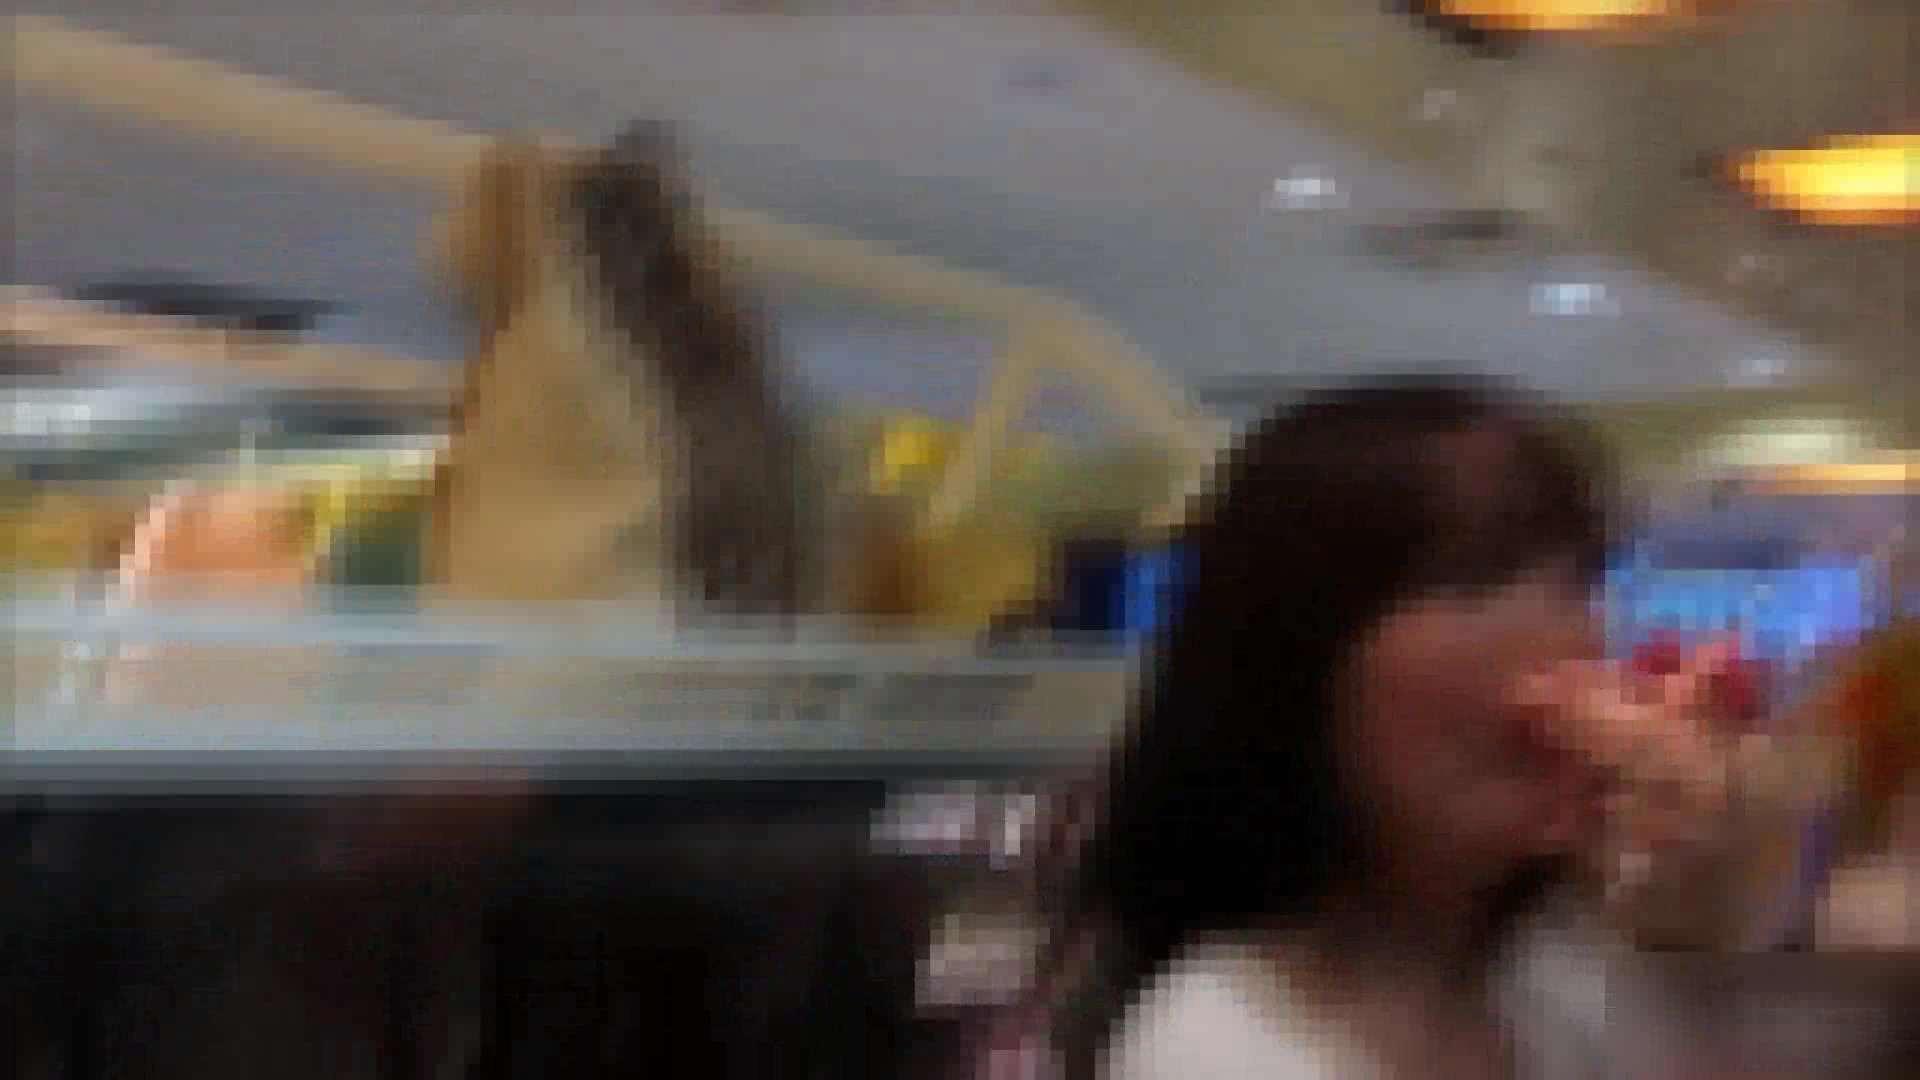 ガールズパンチラストリートビューVol.012 OLの実態 盗撮AV動画キャプチャ 47pic 2